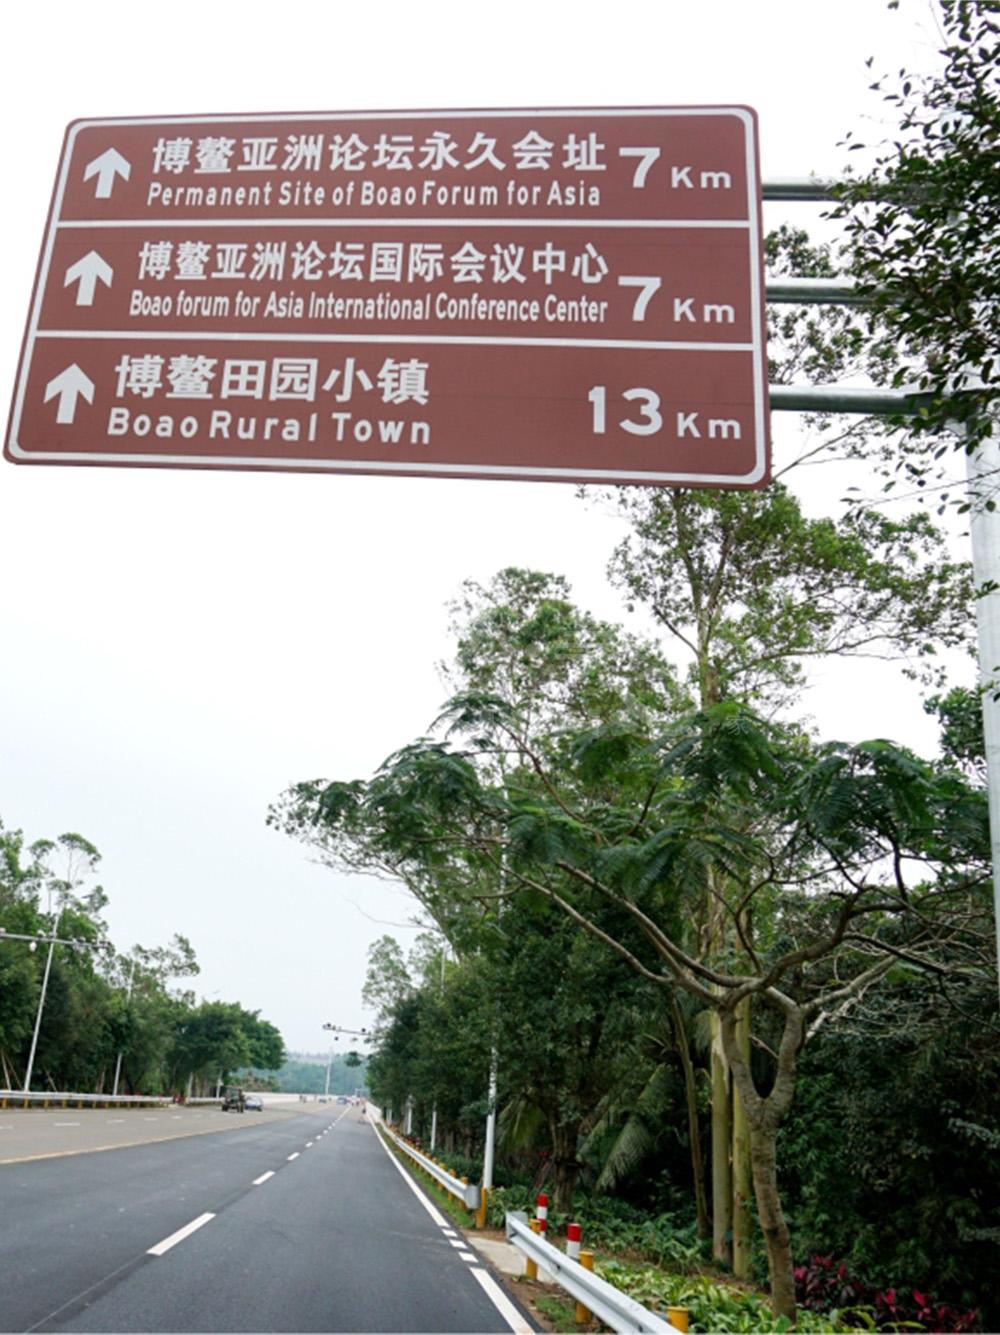 琼海博鳌路旅游牌标准化整改3.jpg